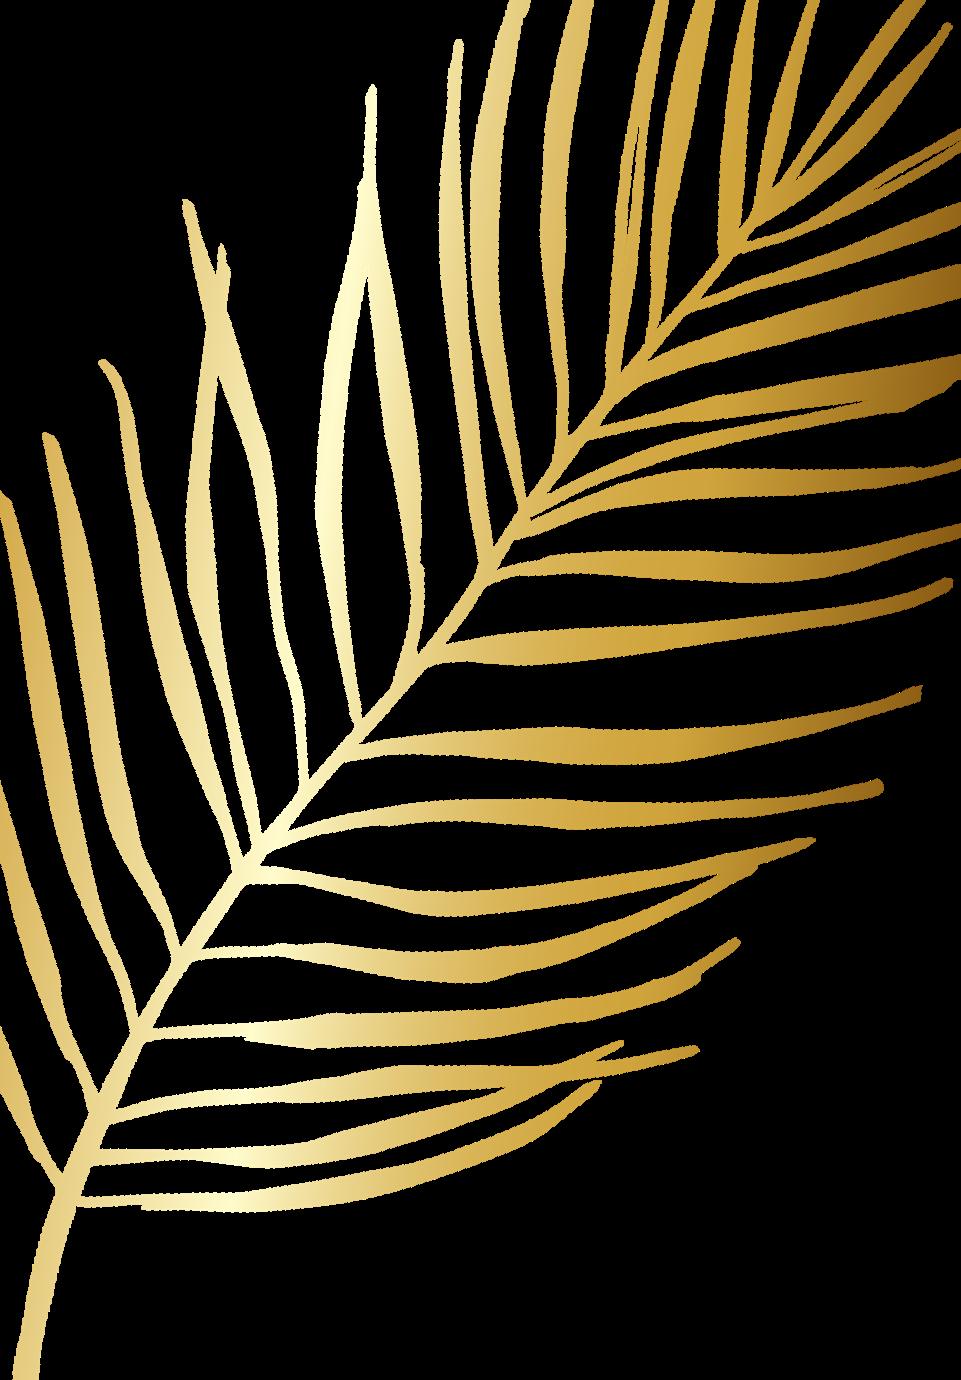 Golden palm leaf